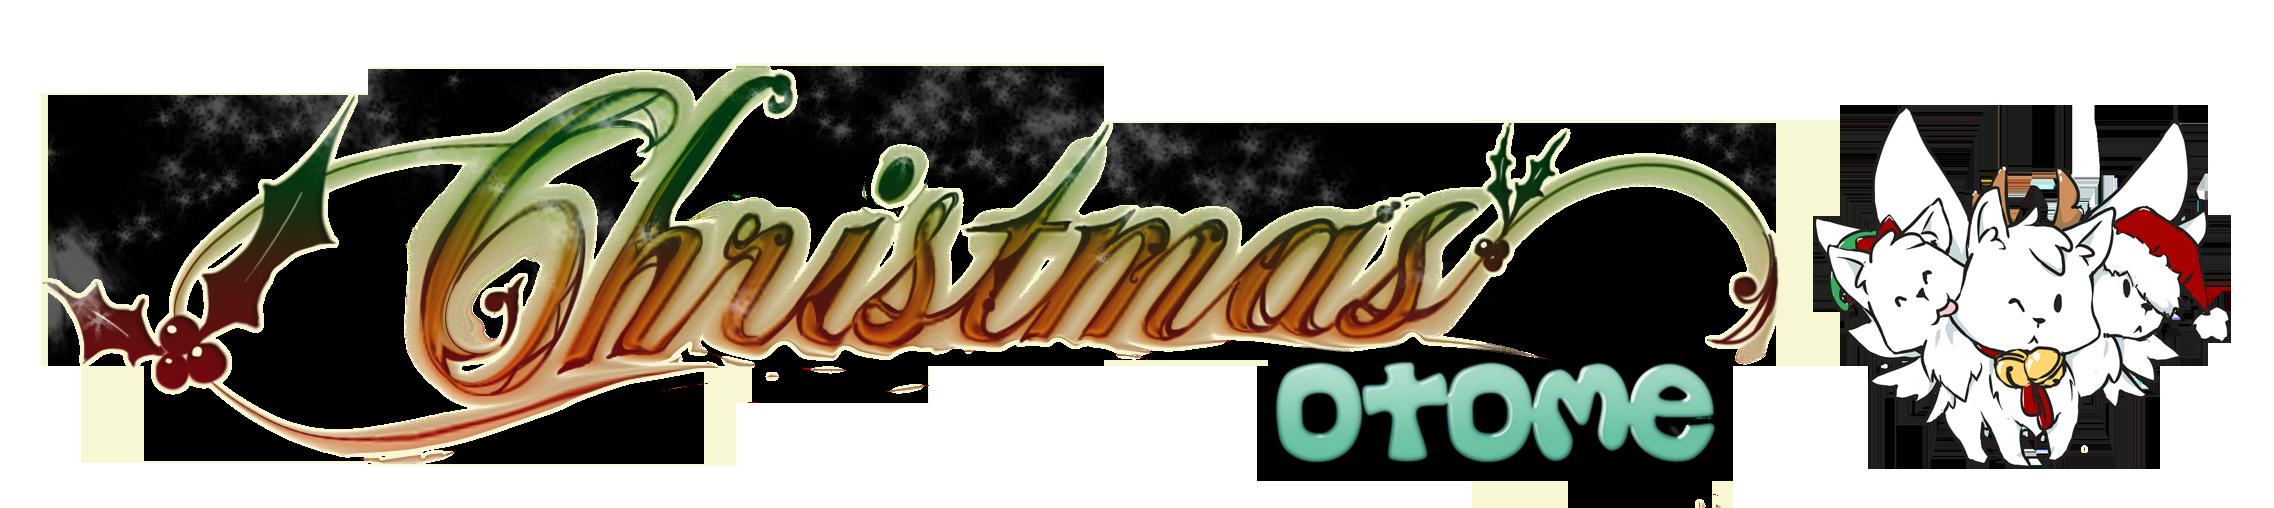 Christmas Otome Demo